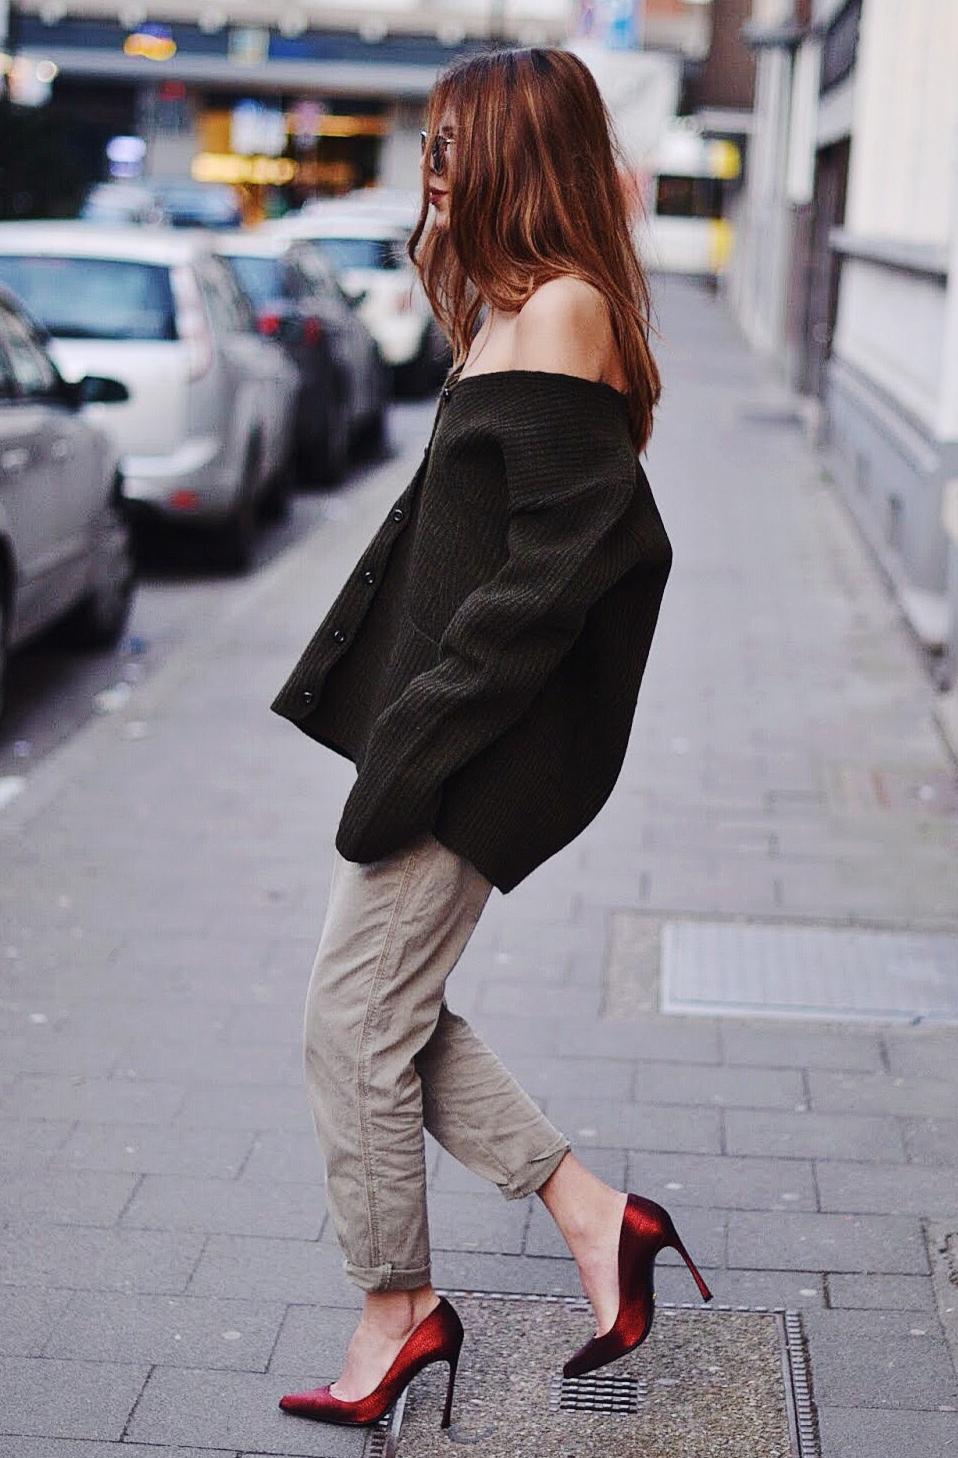 Nếu sở hữu đôi vai thon gầy, đừng ngại khoe khéo với cardigan nhé.